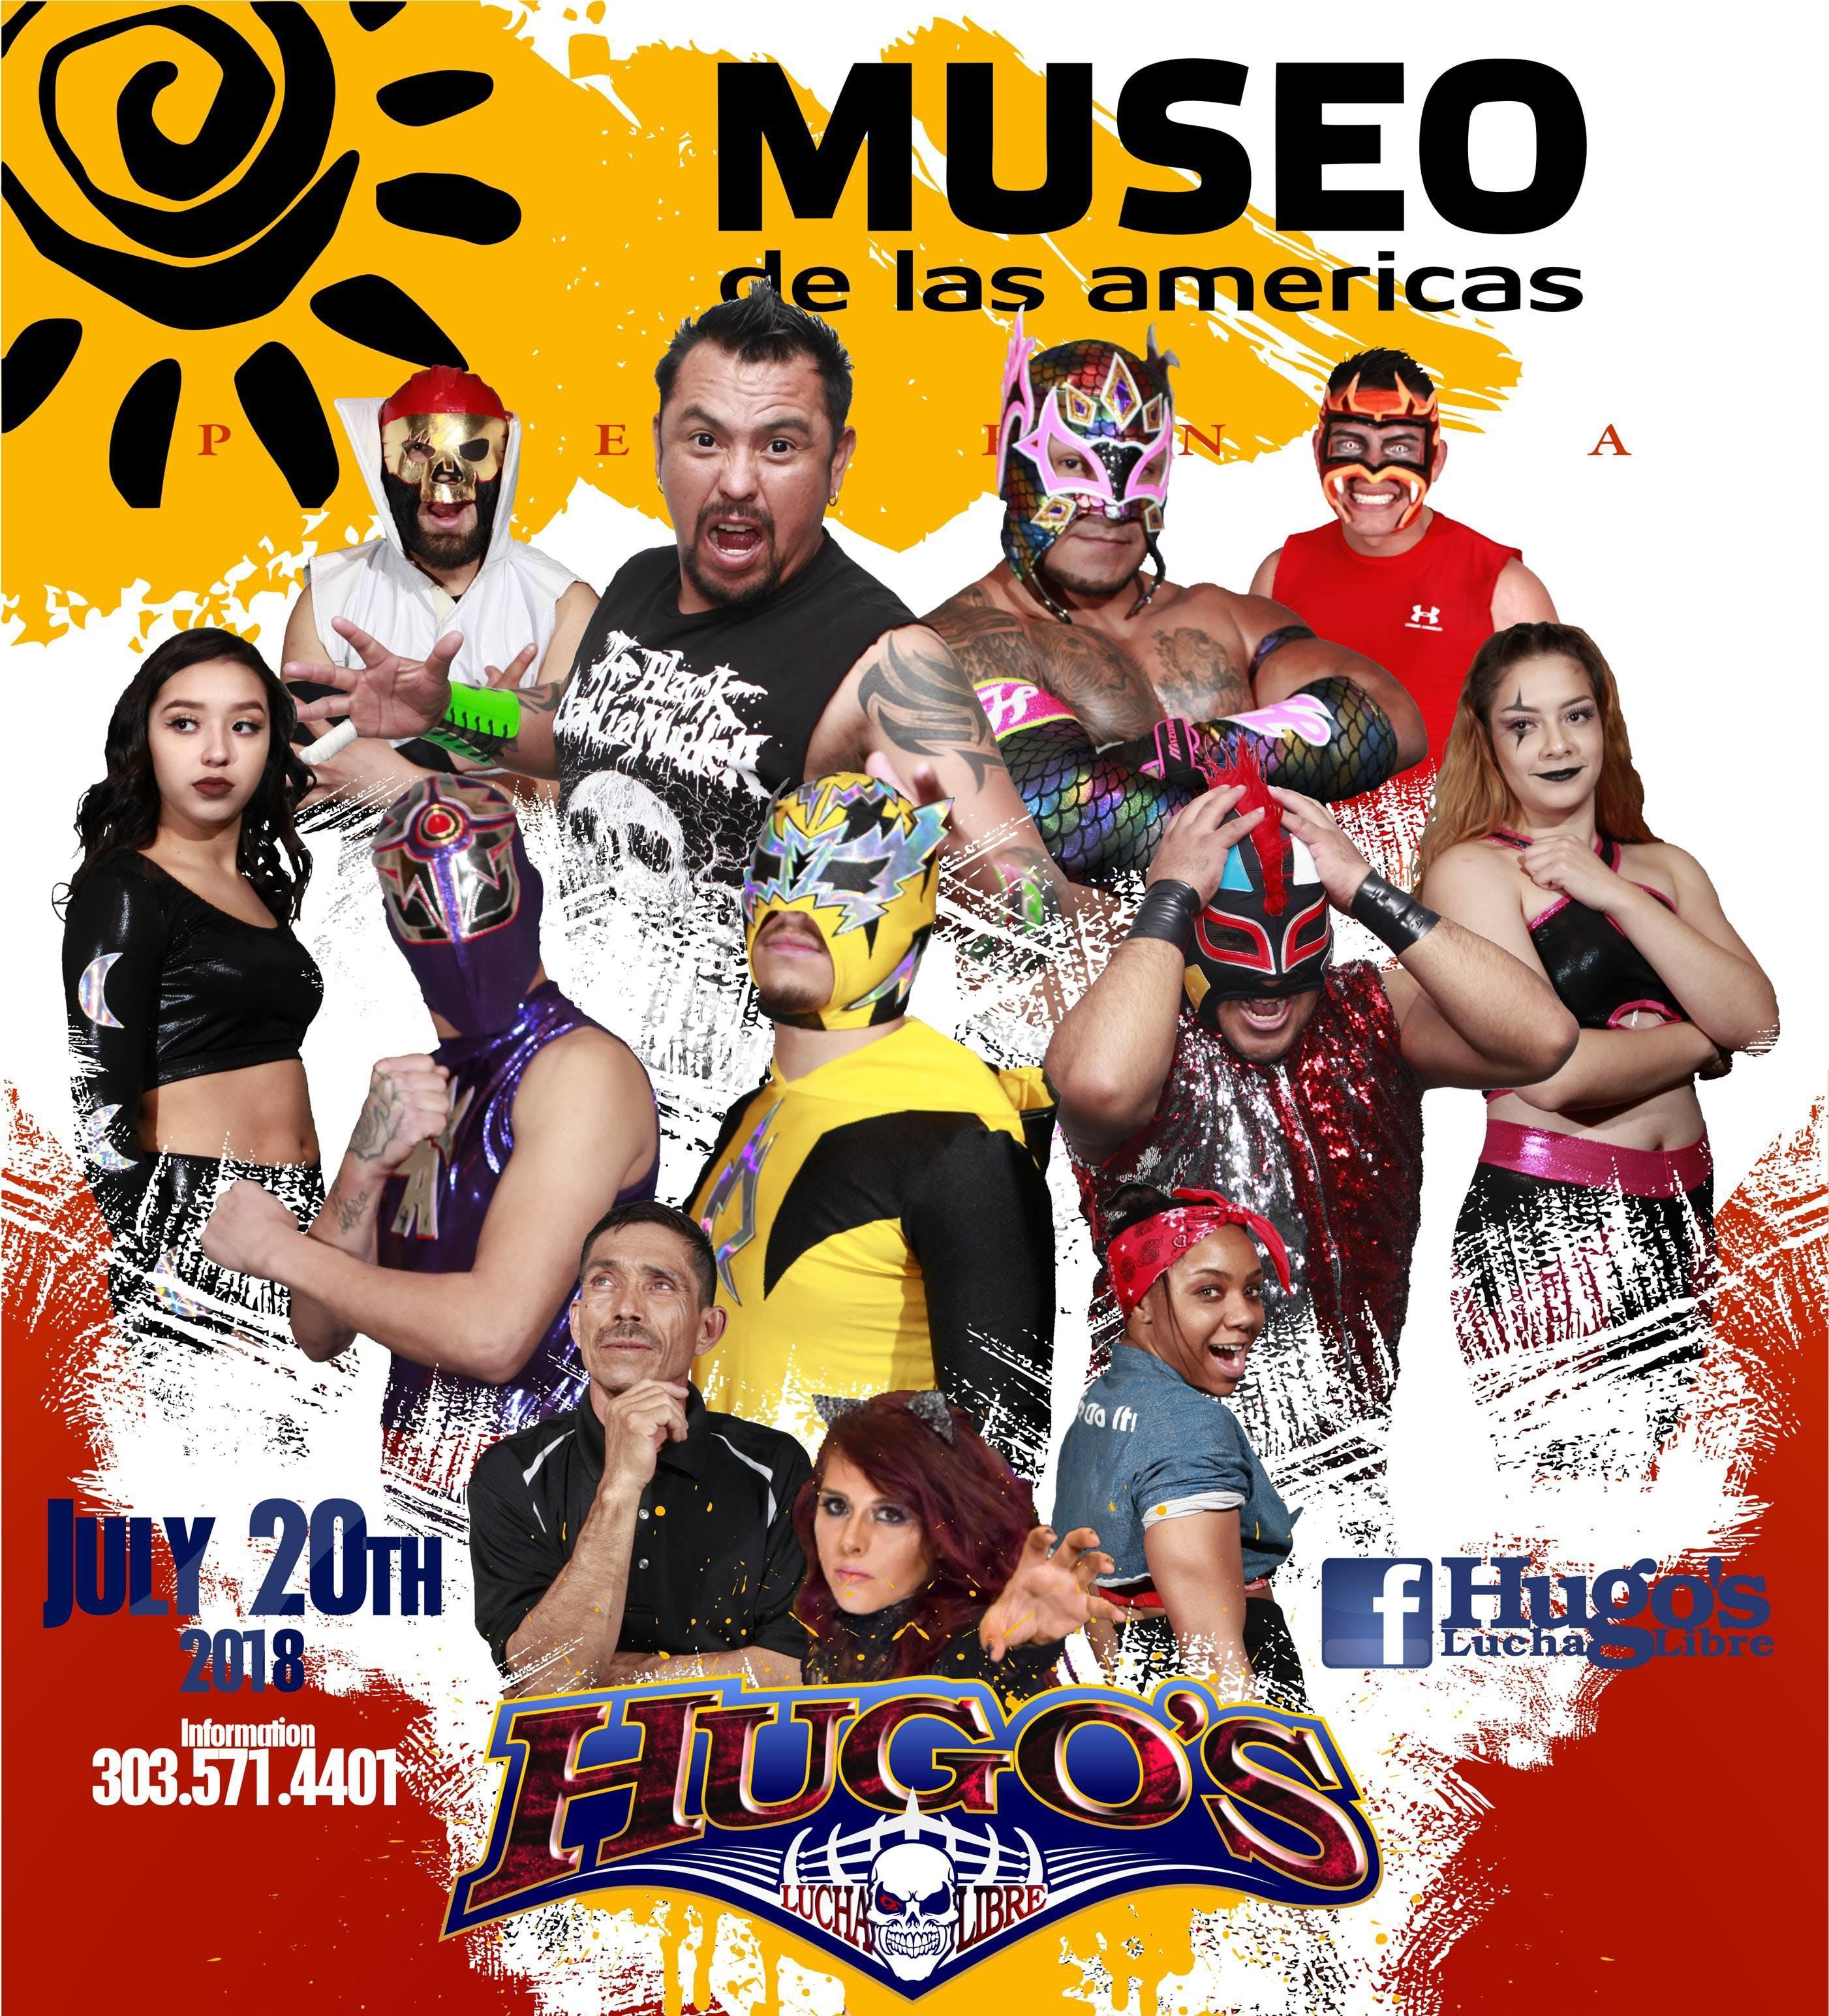 3rd Annual Lucha Libre Come to Win